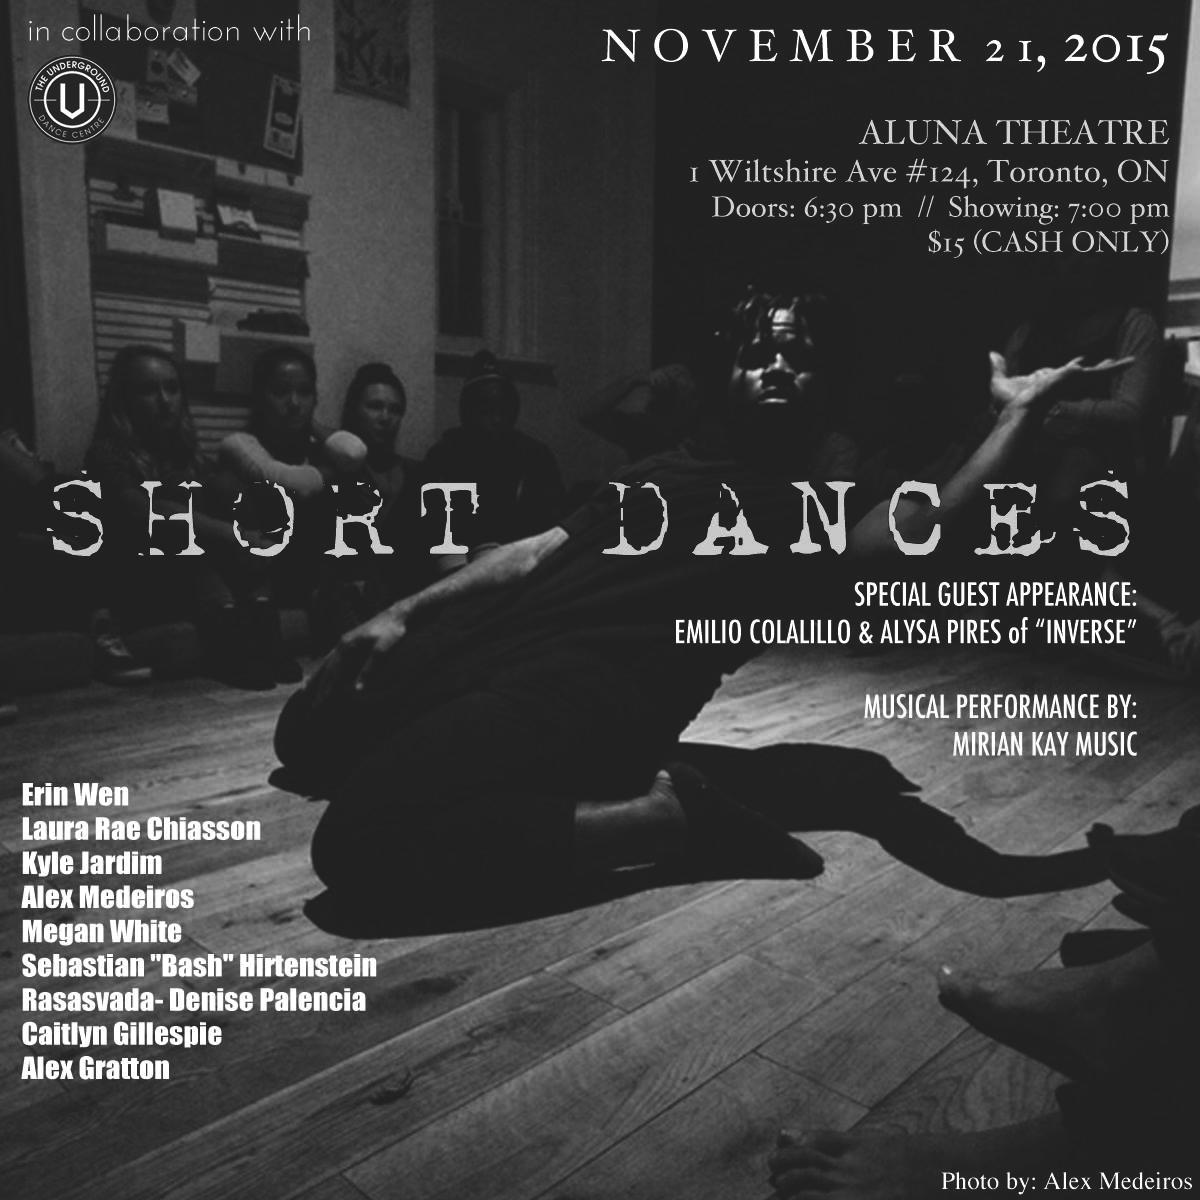 Nov 2015 - Aluna Theatre